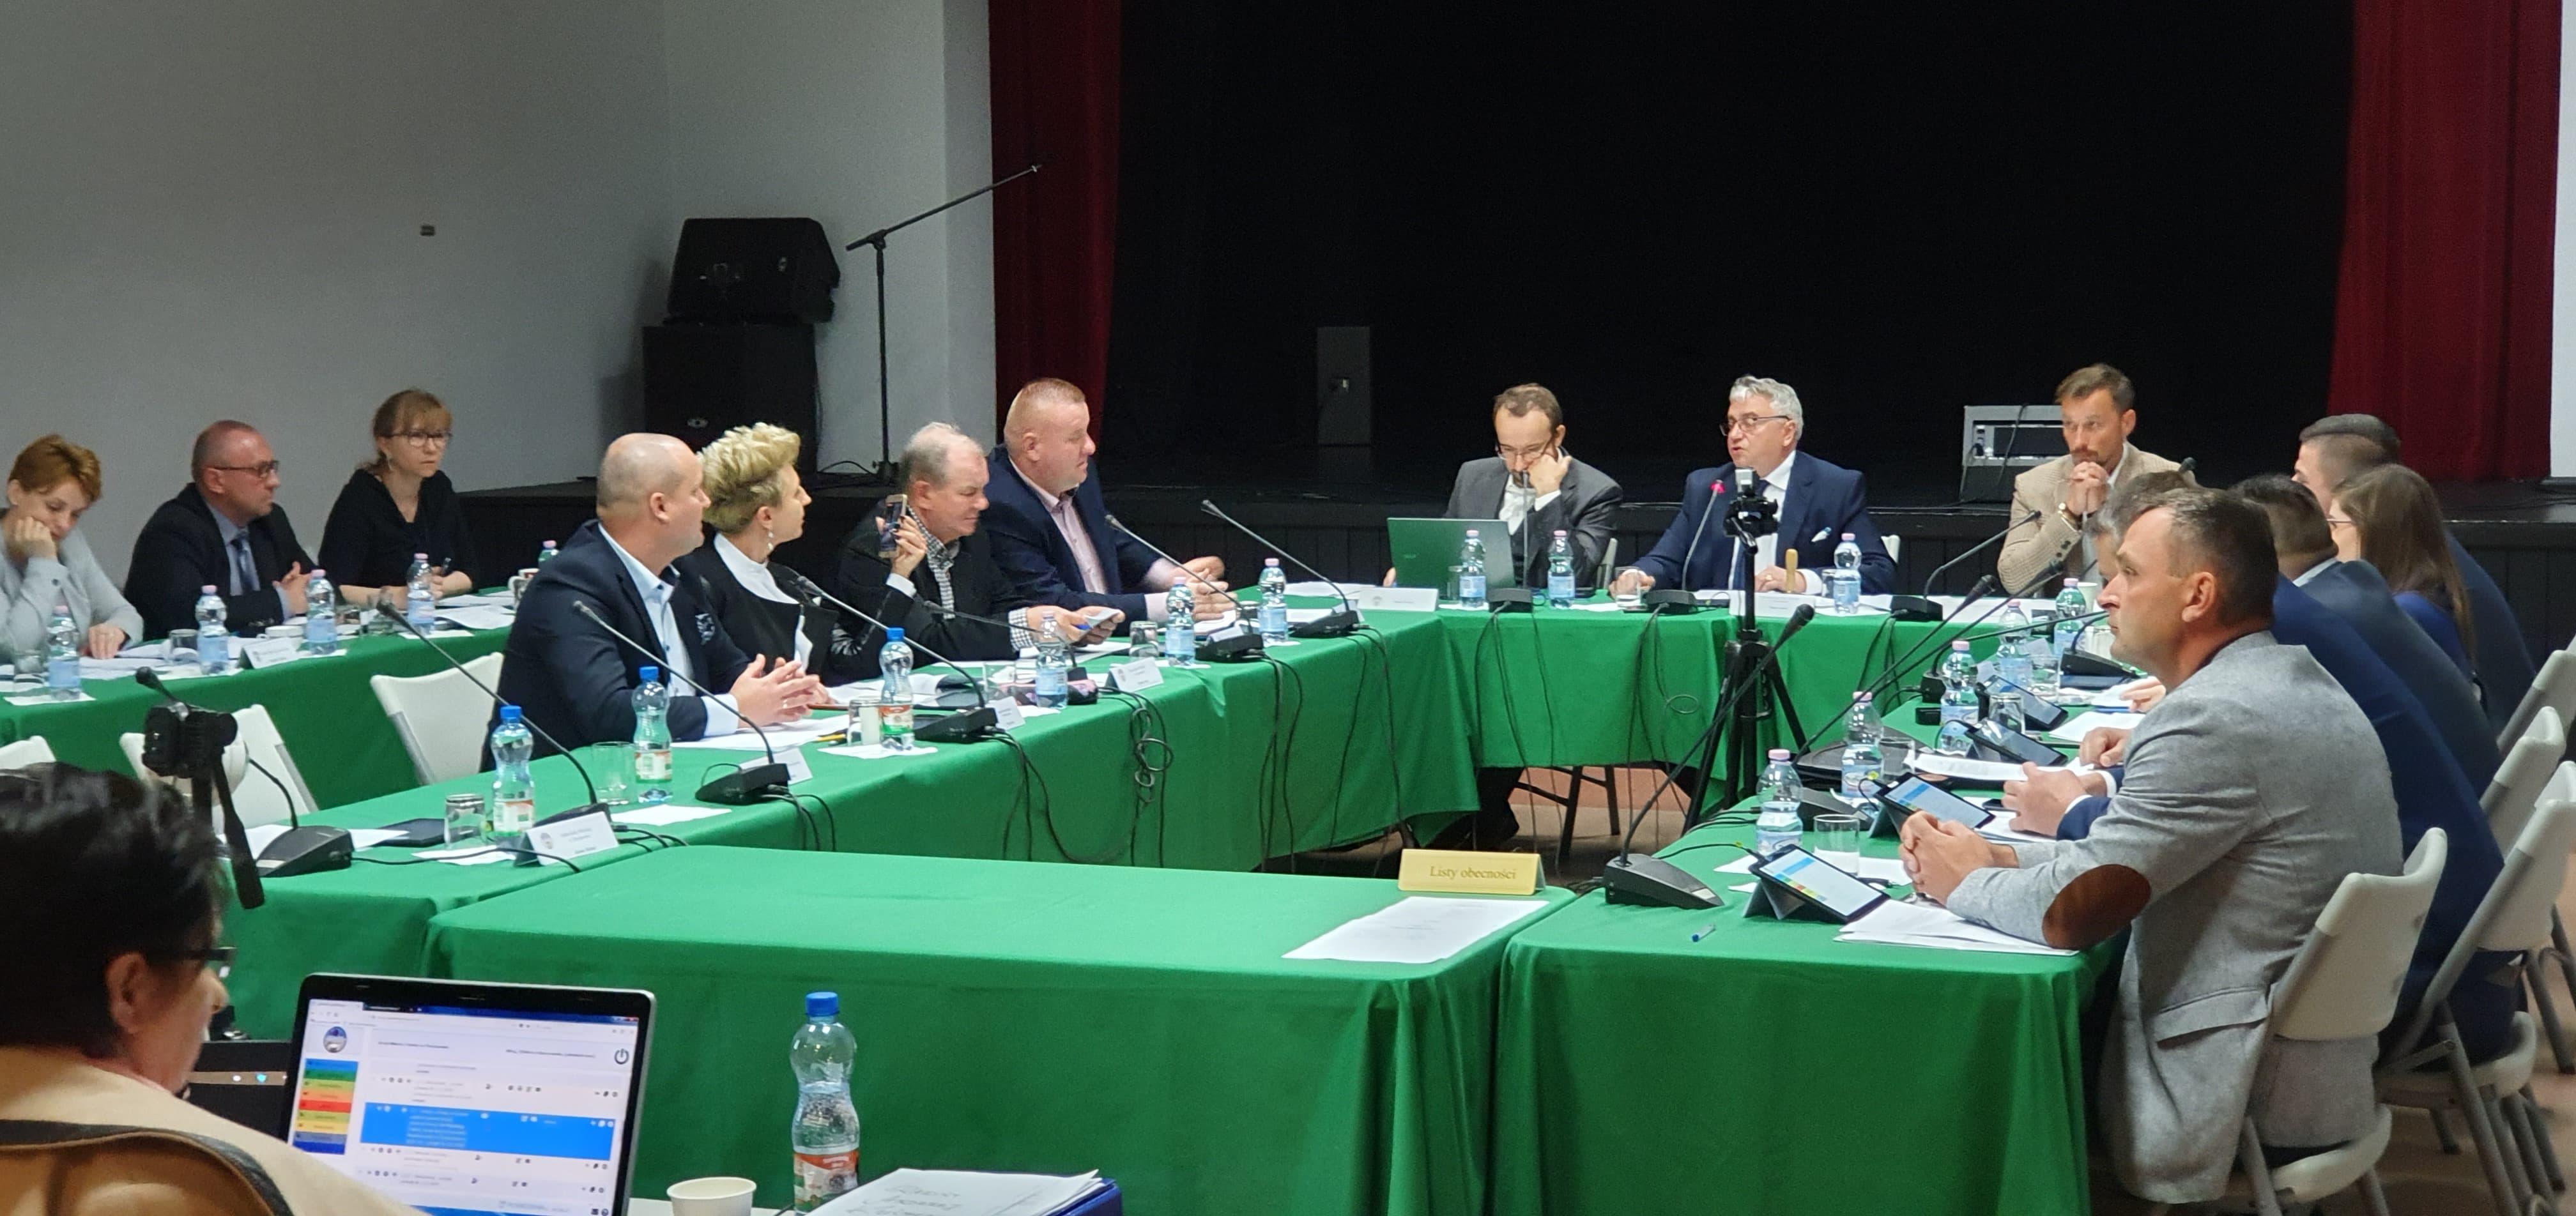 Sesja Rady Miejskiej: Powstanie sieć wodociągowa na ul. Spacerowej